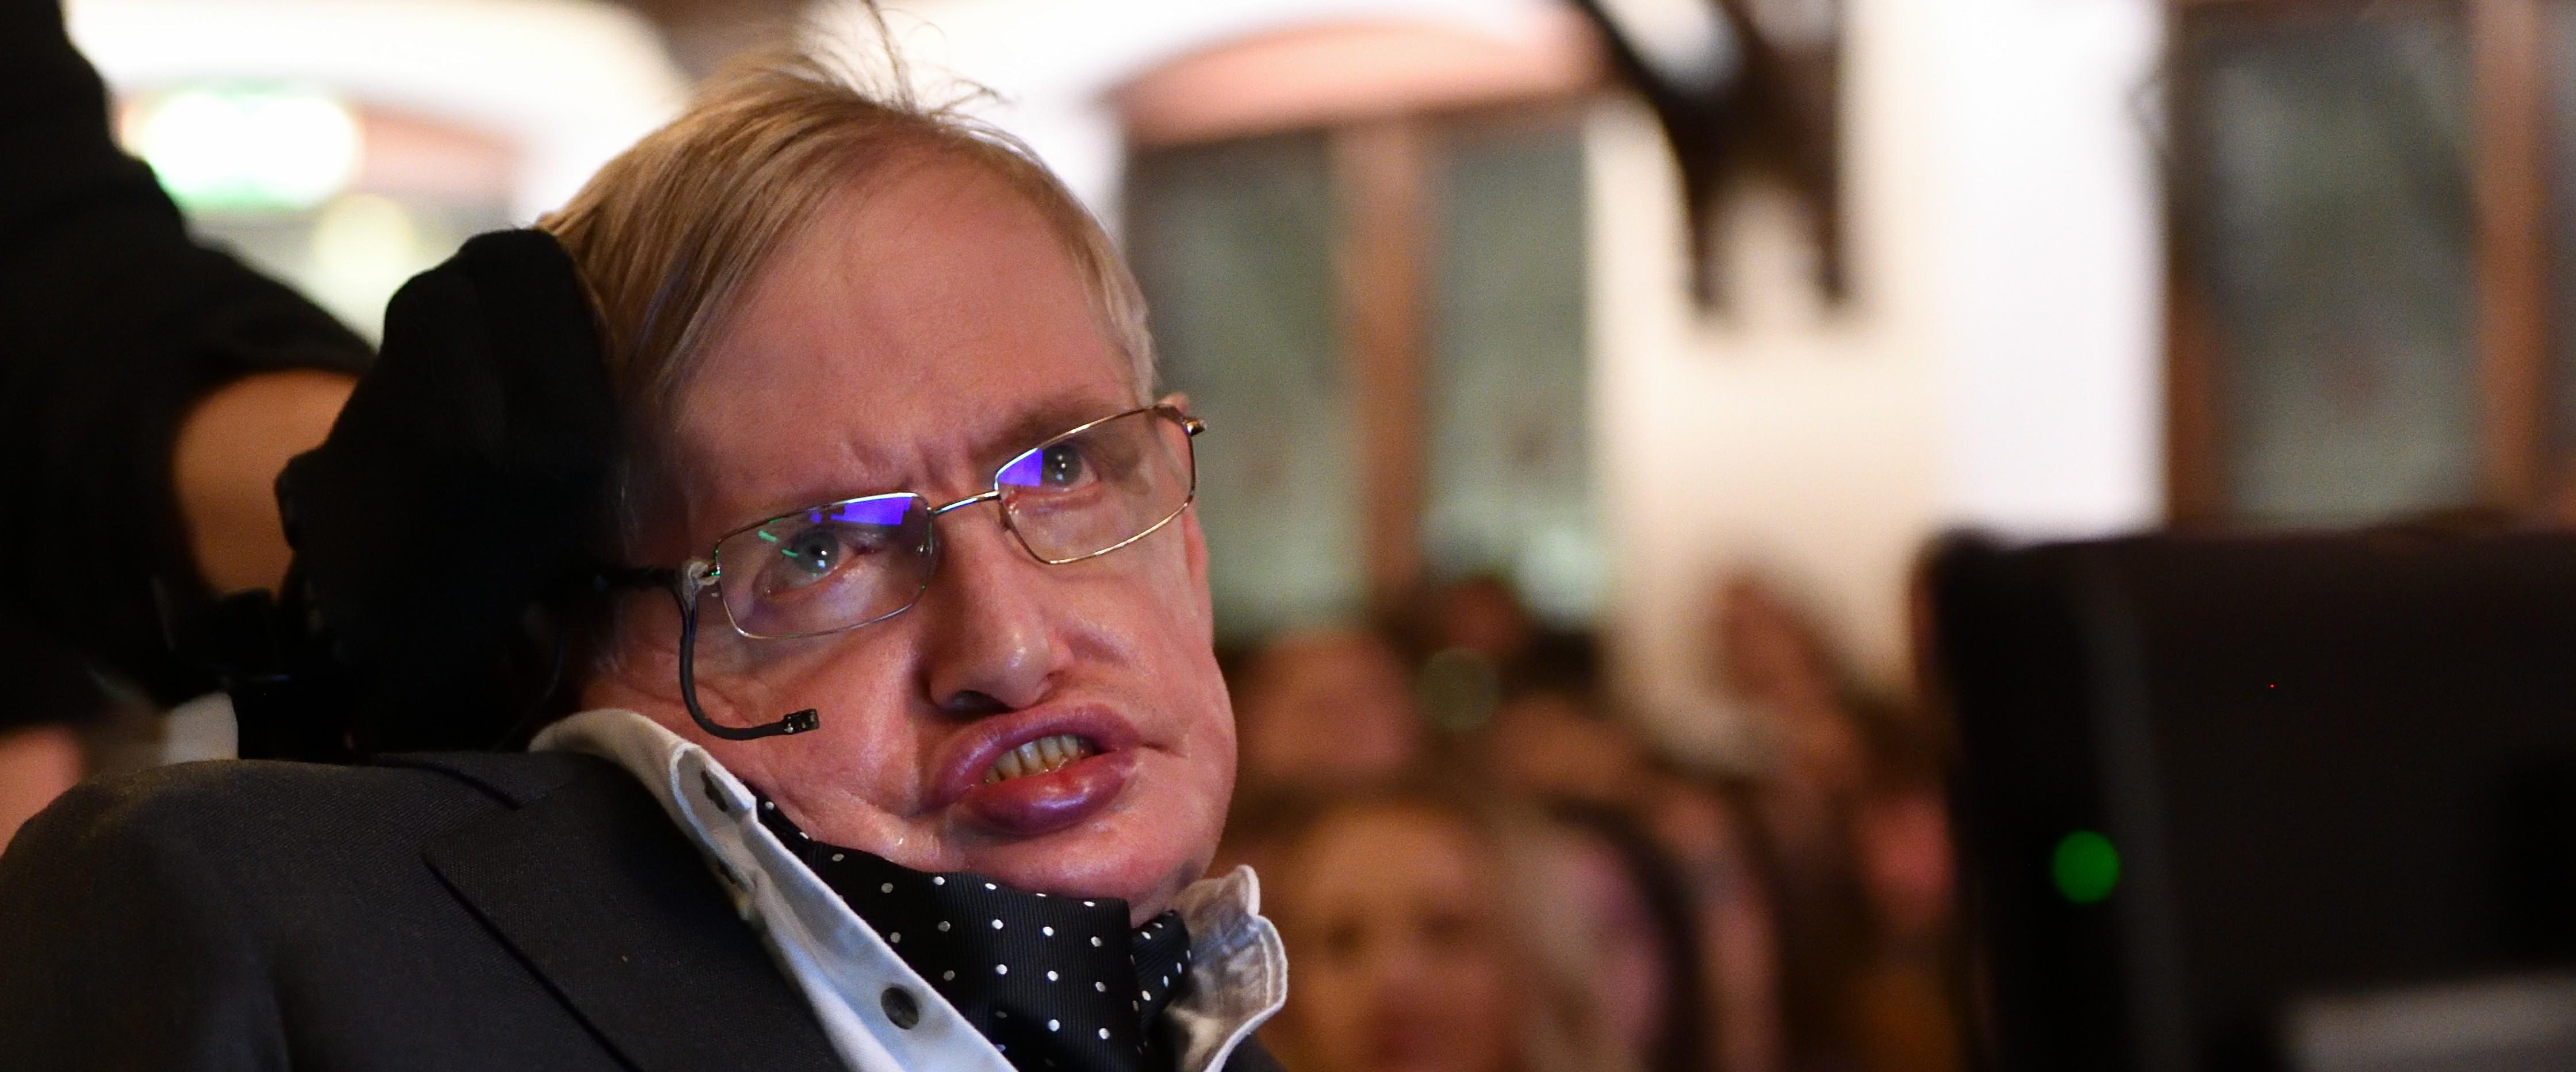 Le professeur Stephen Hawking à Cambridge en novembre 2017 - GettyImages